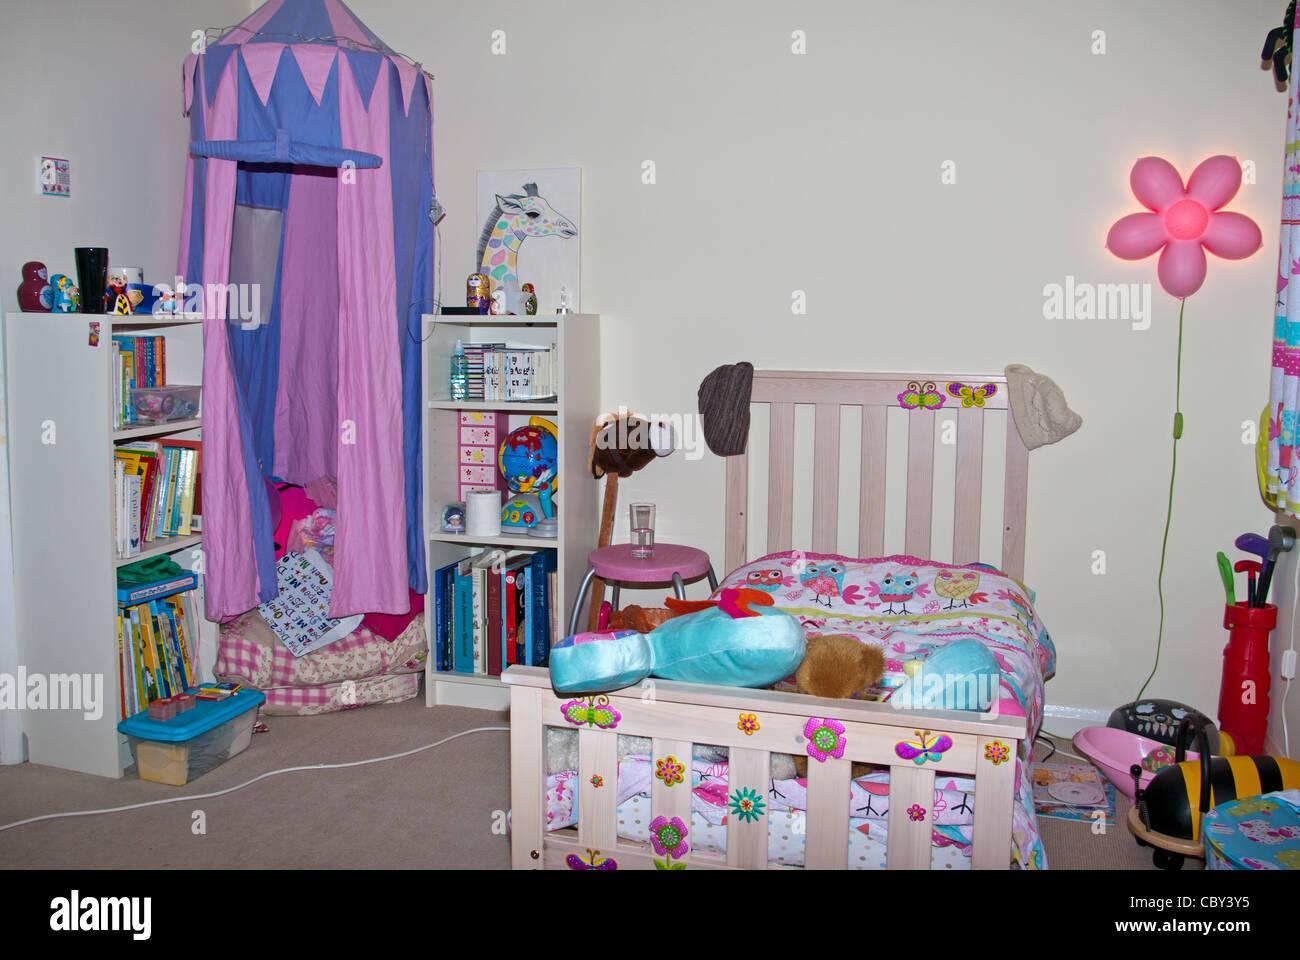 Camere Da Letto Giovani : Giovani bambini bambini bambine neonati bambini camera da letto